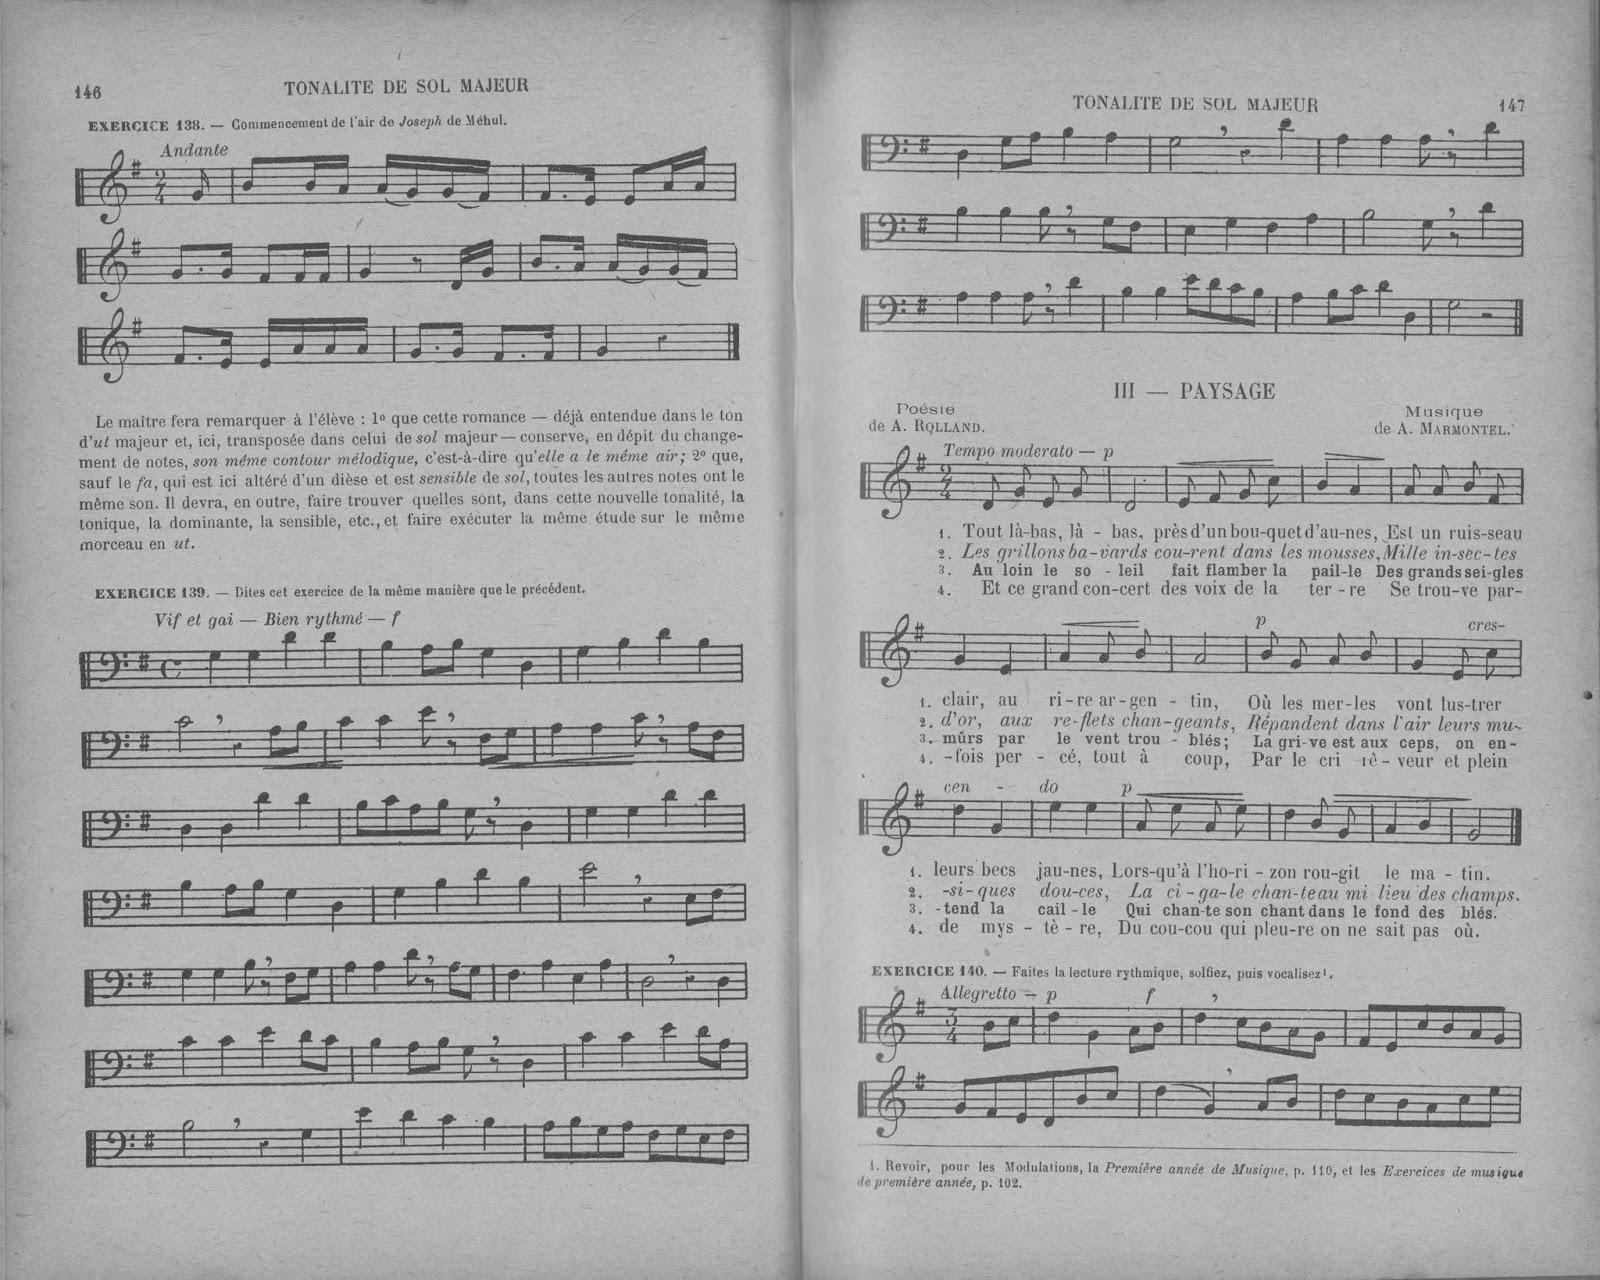 cours de musique solfege pdf